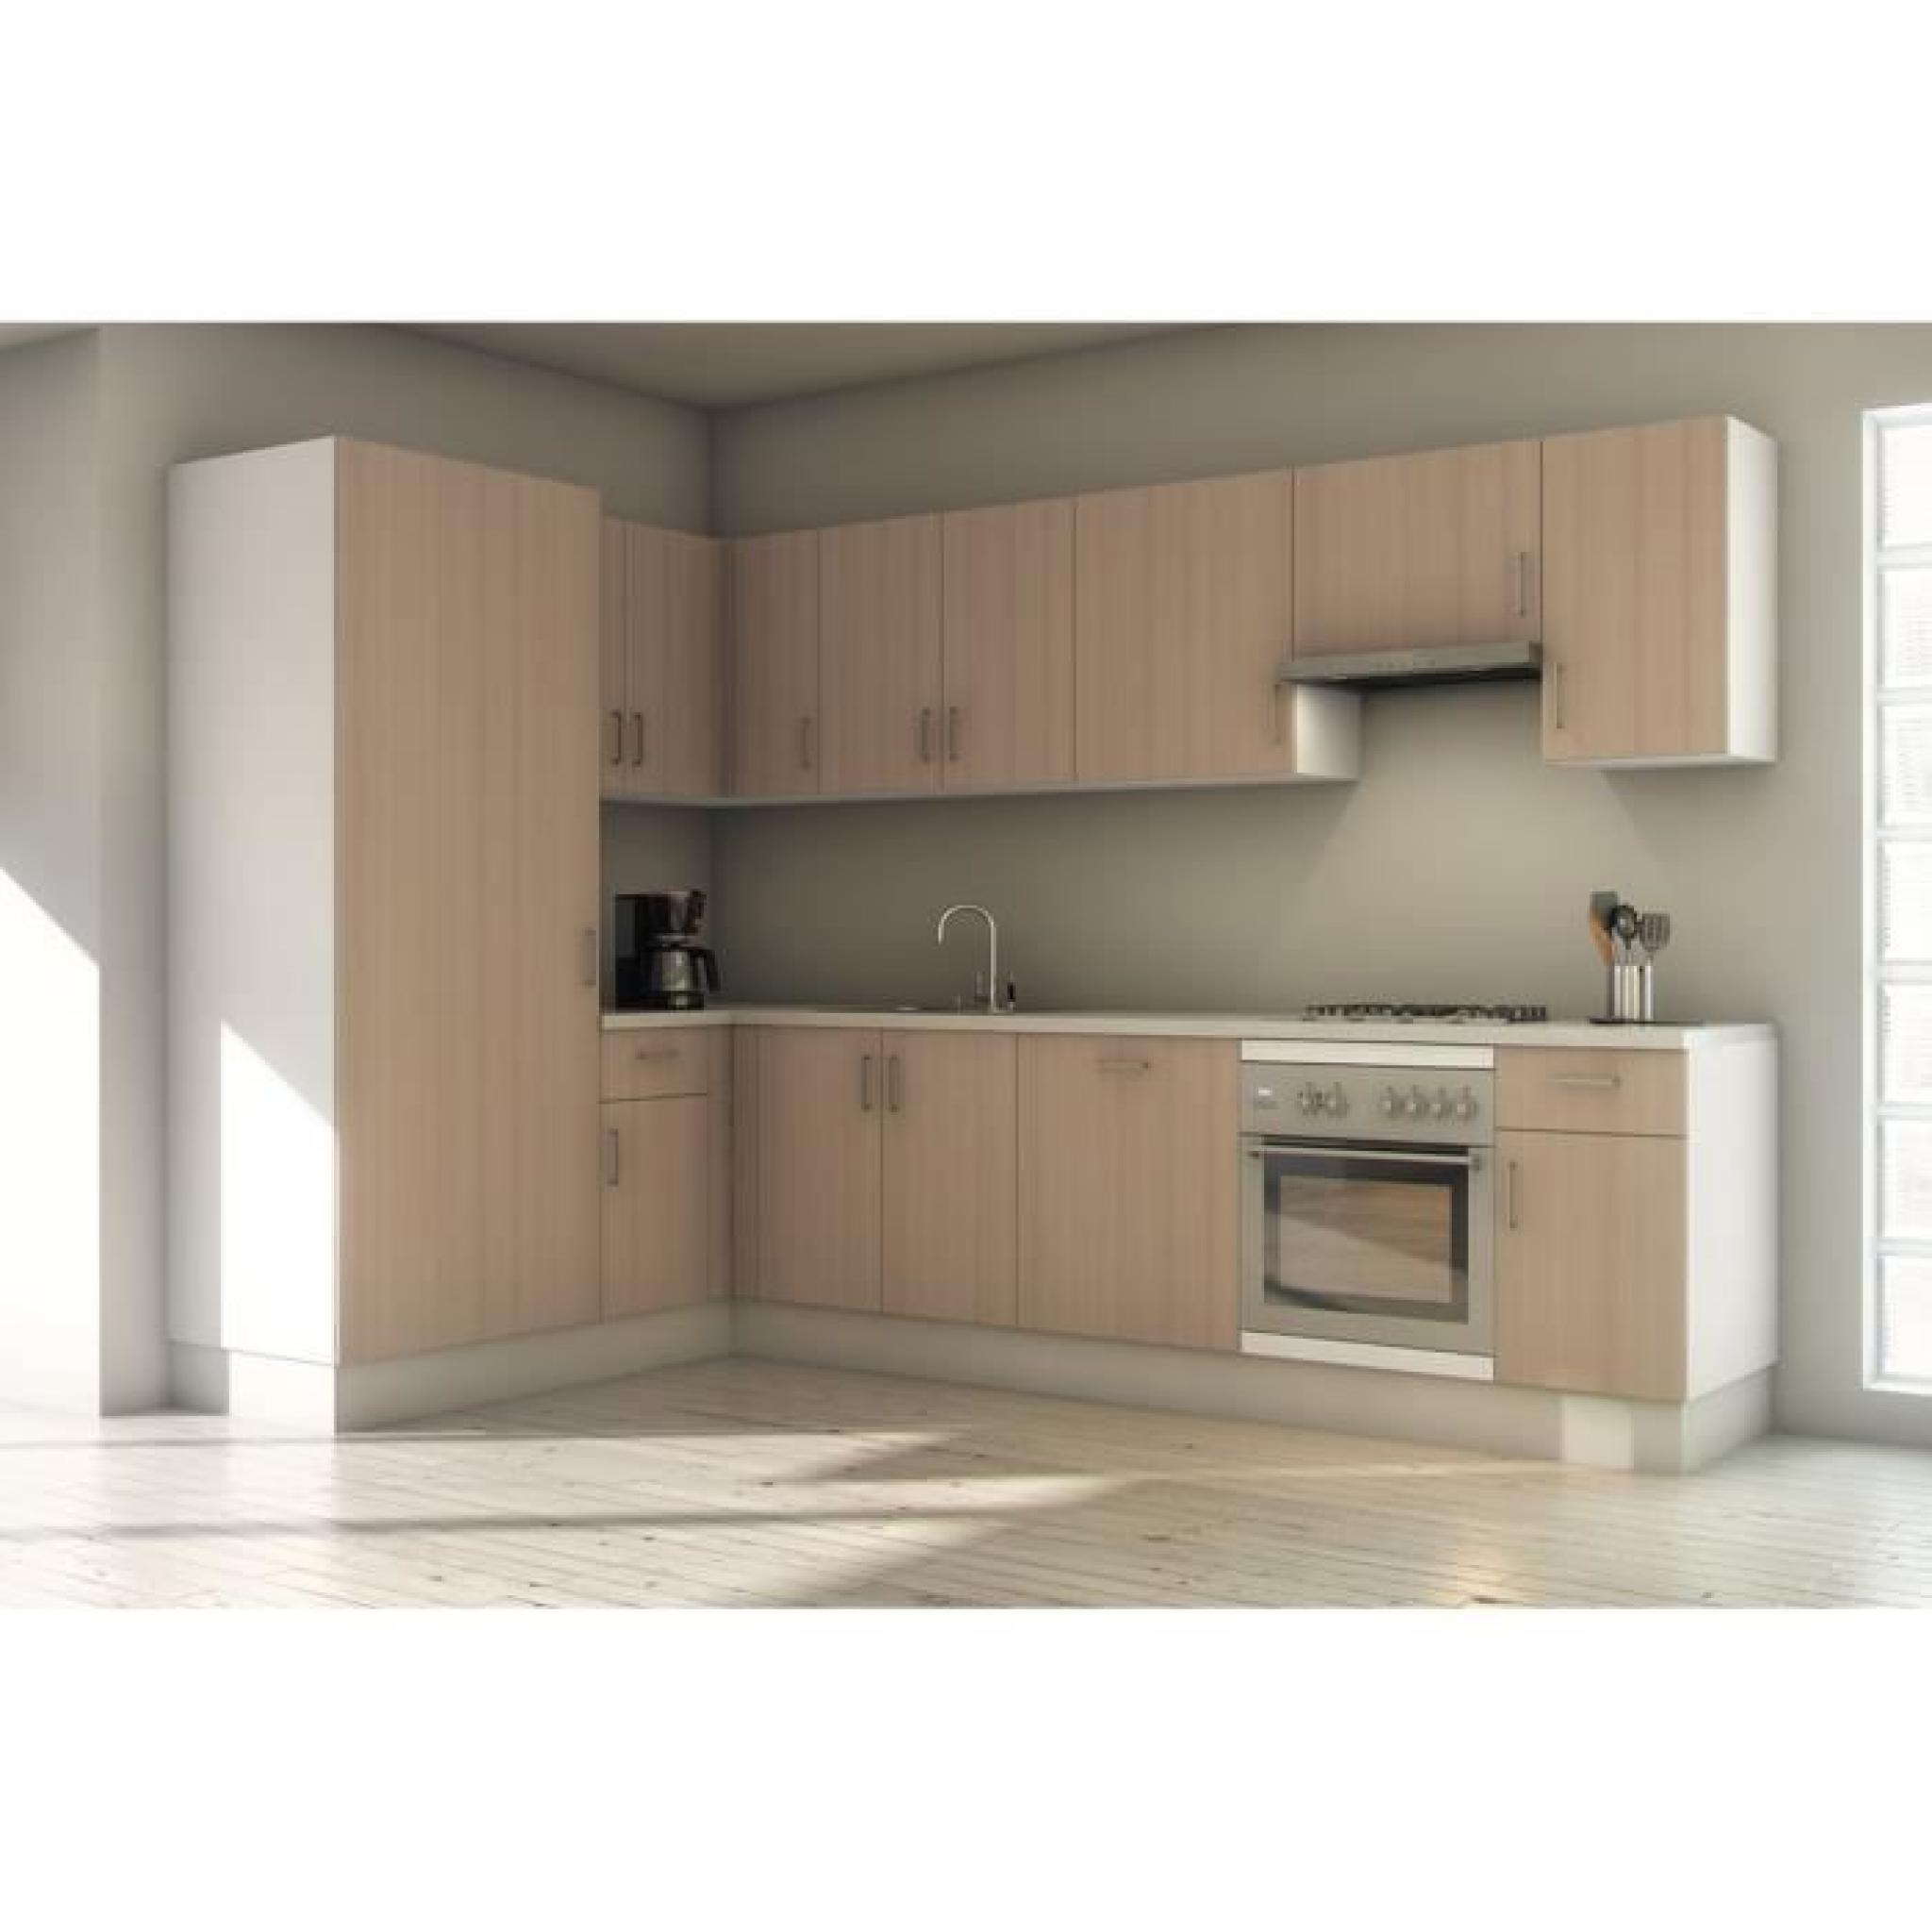 Pack cuisine compl te sudoe h tre 340cm meubl achat for Cuisine complete design